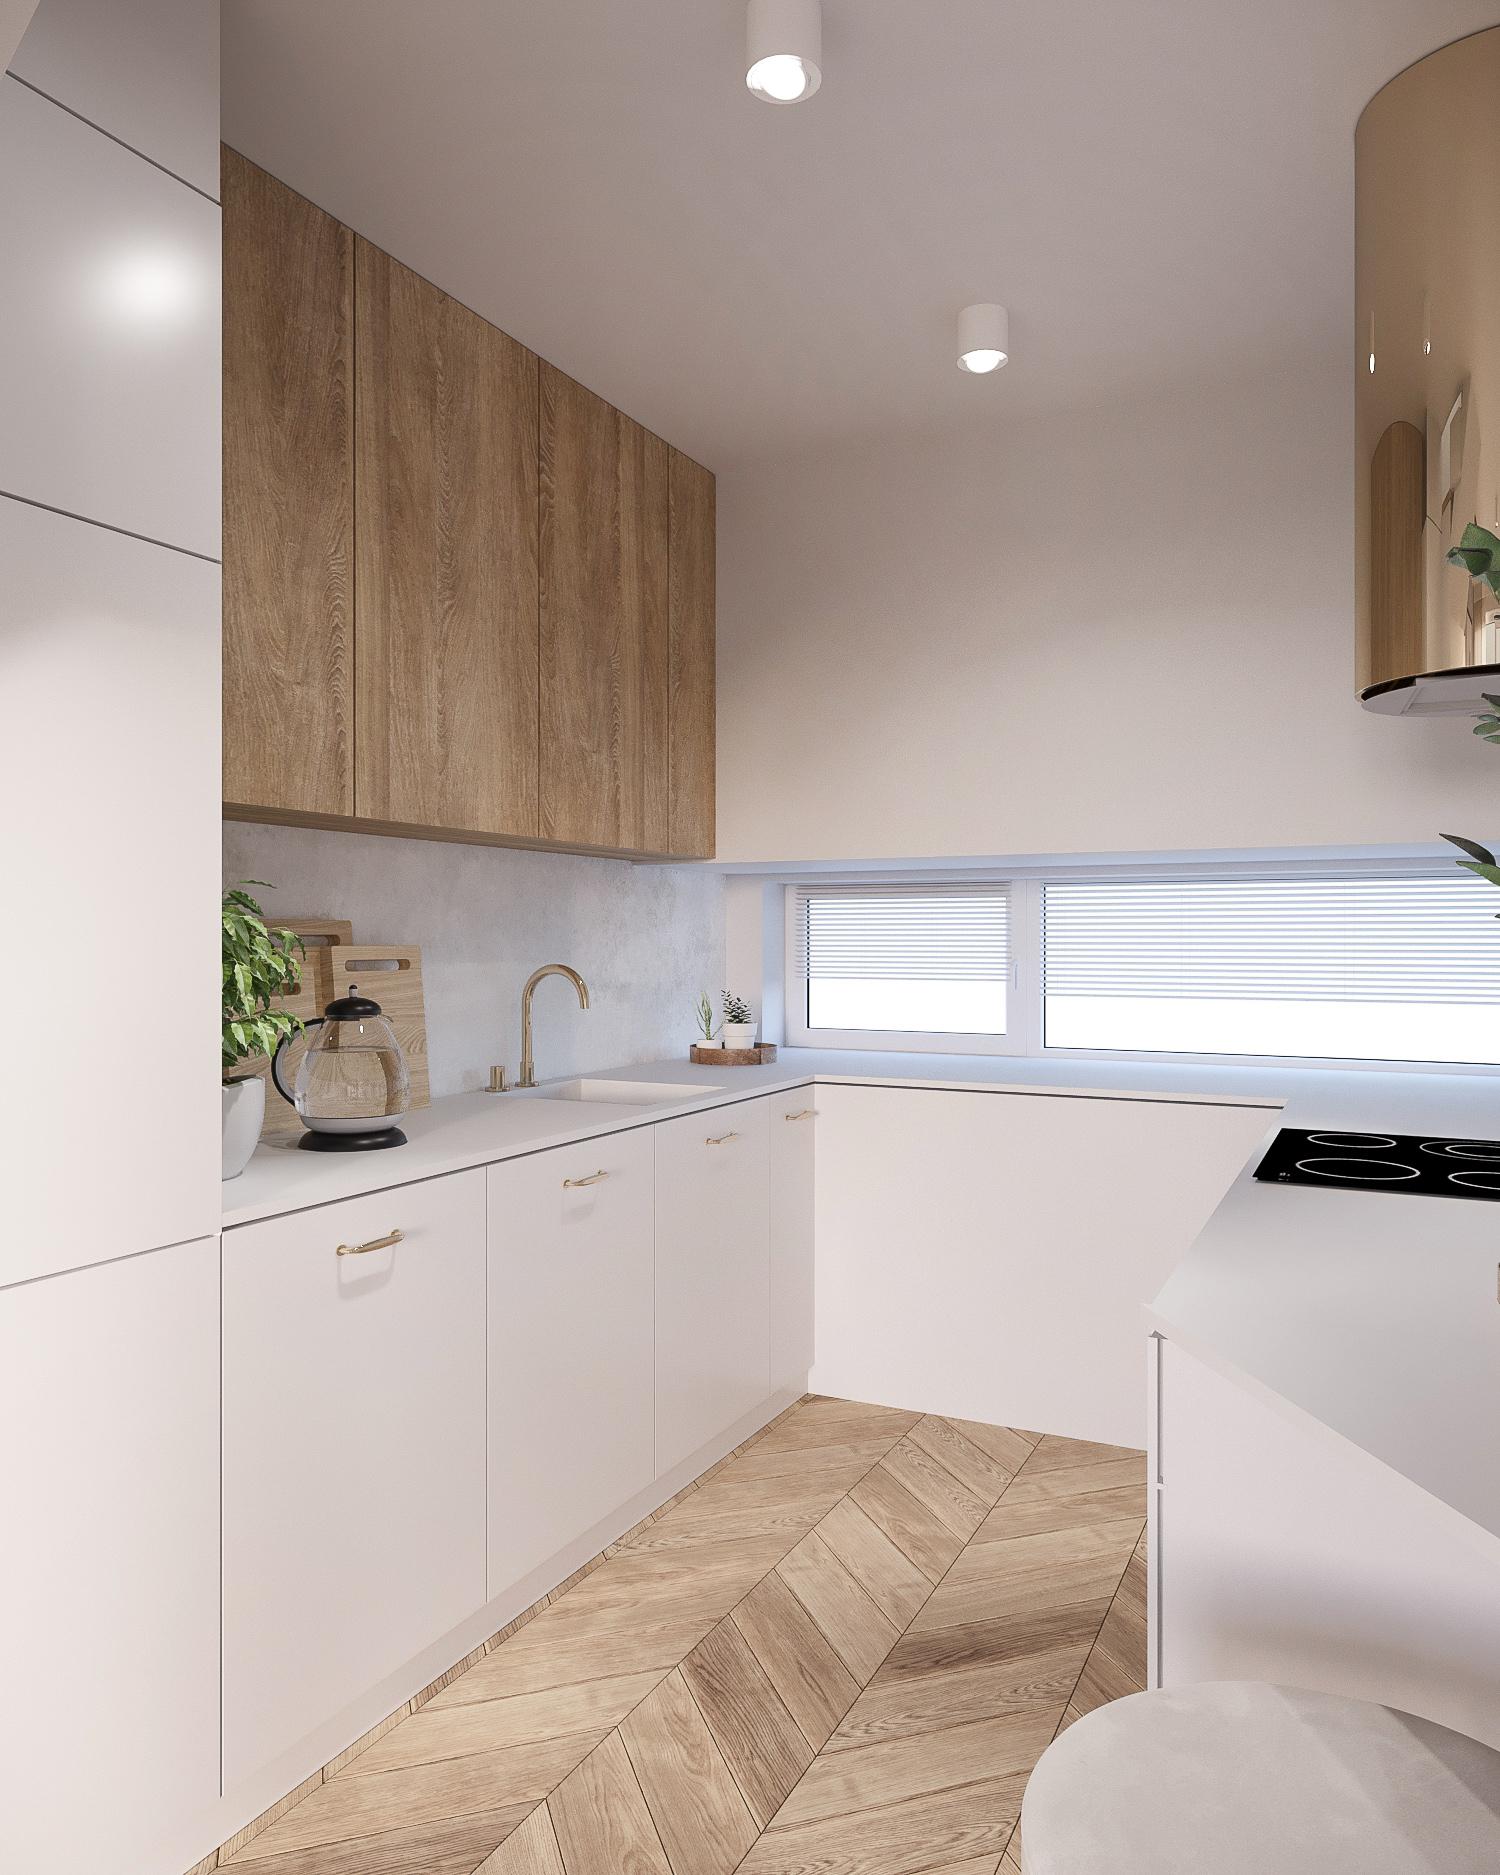 7 projektant wnetrz 482 mieszkanie krakow kuchnia biala zabudowa z elementami drewna zloty okap parkiet w jodelke